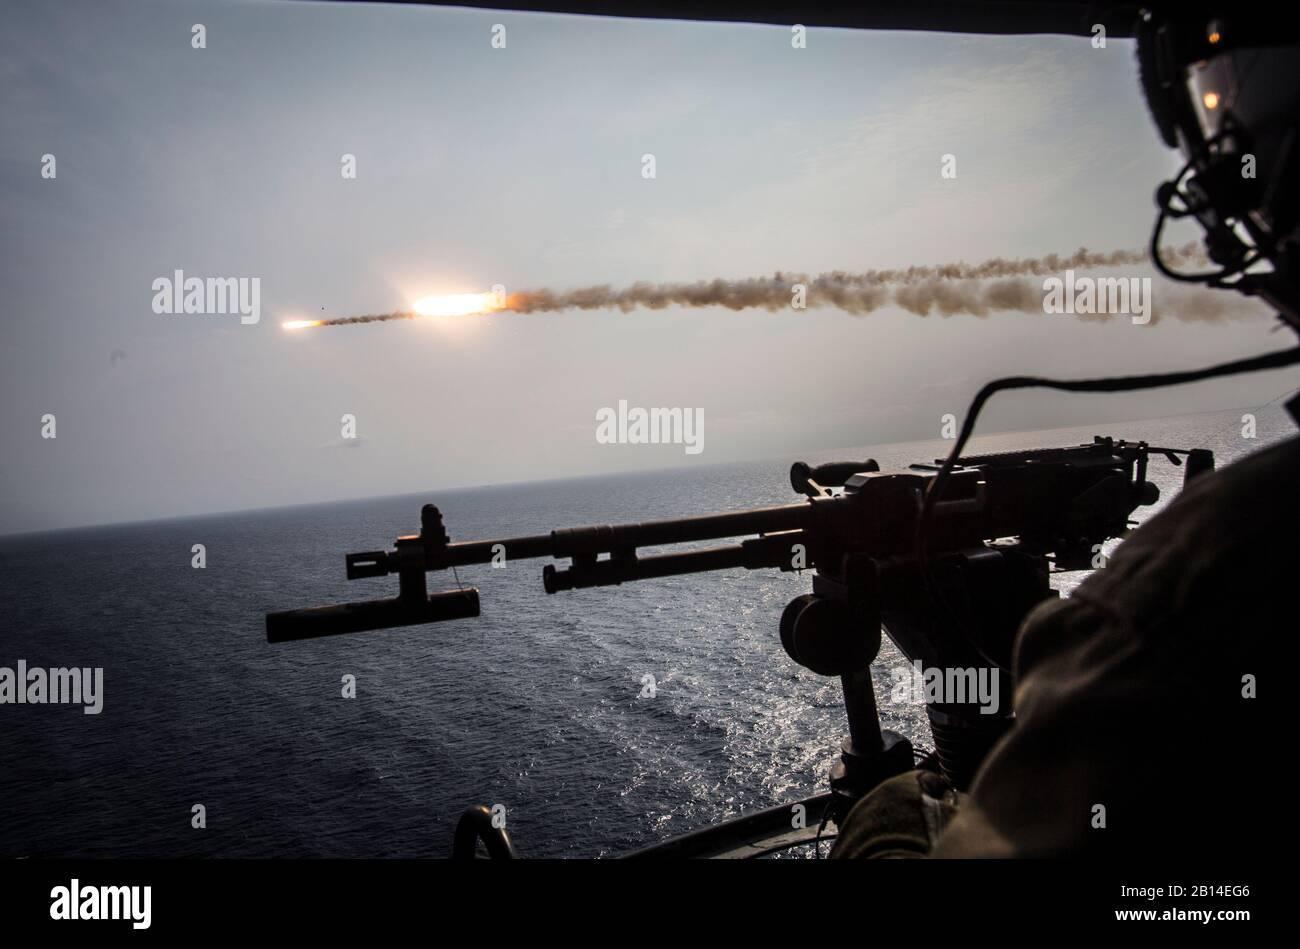 Un U.S. Marine Corps AH-1Z Viper elicottero assegnato alle Marine Attacco leggero elicottero Squadron (HMLA) 169, Marine Aircraft Group (MAG) 39, terzo aeromobile Marina Wing (PMA) incendi due missili di formazione nelle gamme a Okinawa, Giappone, Sett. 28, 2017. Lo squadrone antenna condotta live-formazione antincendio a Okinawa, che è cruciale per il mantenimento di una più forte e più capace, distribuito vigore nella Indo-Asia-regione del Pacifico. HMLA-169 è stato distribuito al di sotto dell'unità di distribuzione con il programma Mag-36, 1° MAW. (U.S. Marine Corps photo by Lance Cpl. Andy Martinez) Foto Stock